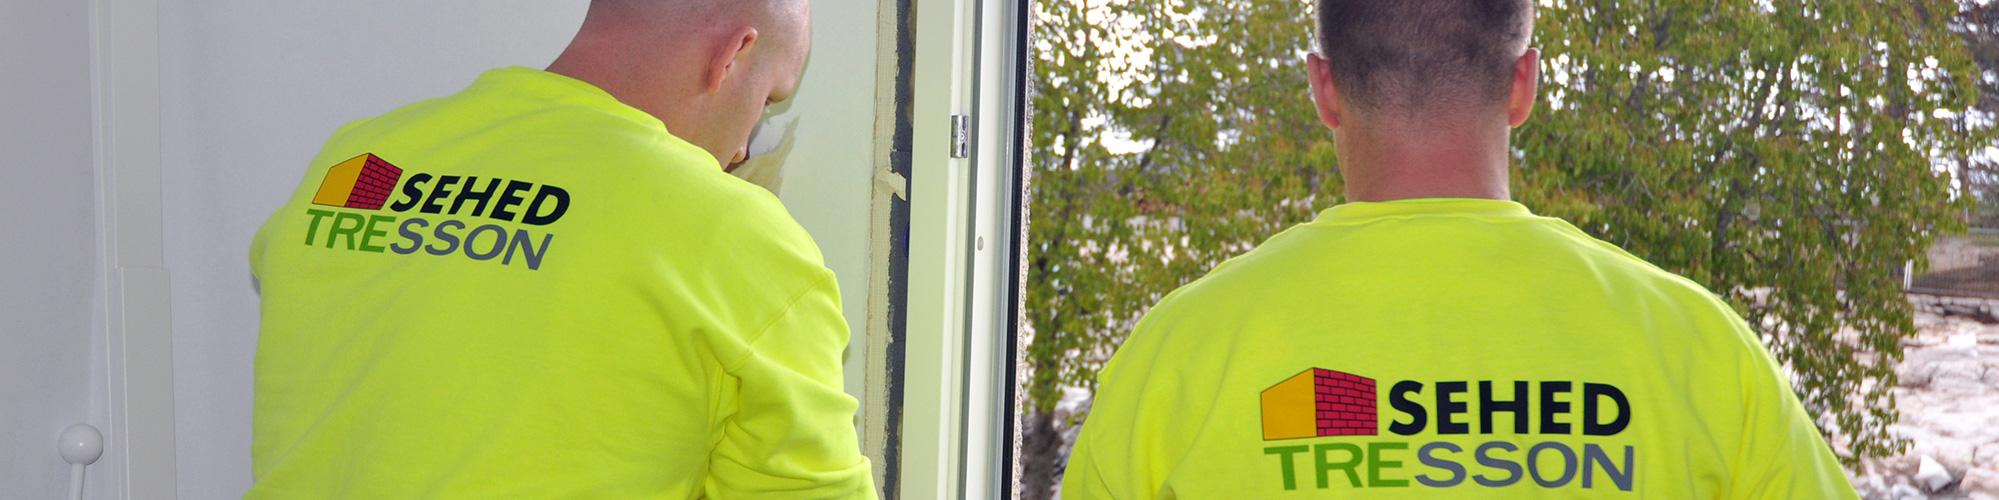 SEHED Tressons hantverkare byter fönster i Tallbohov i Järfälla 2020